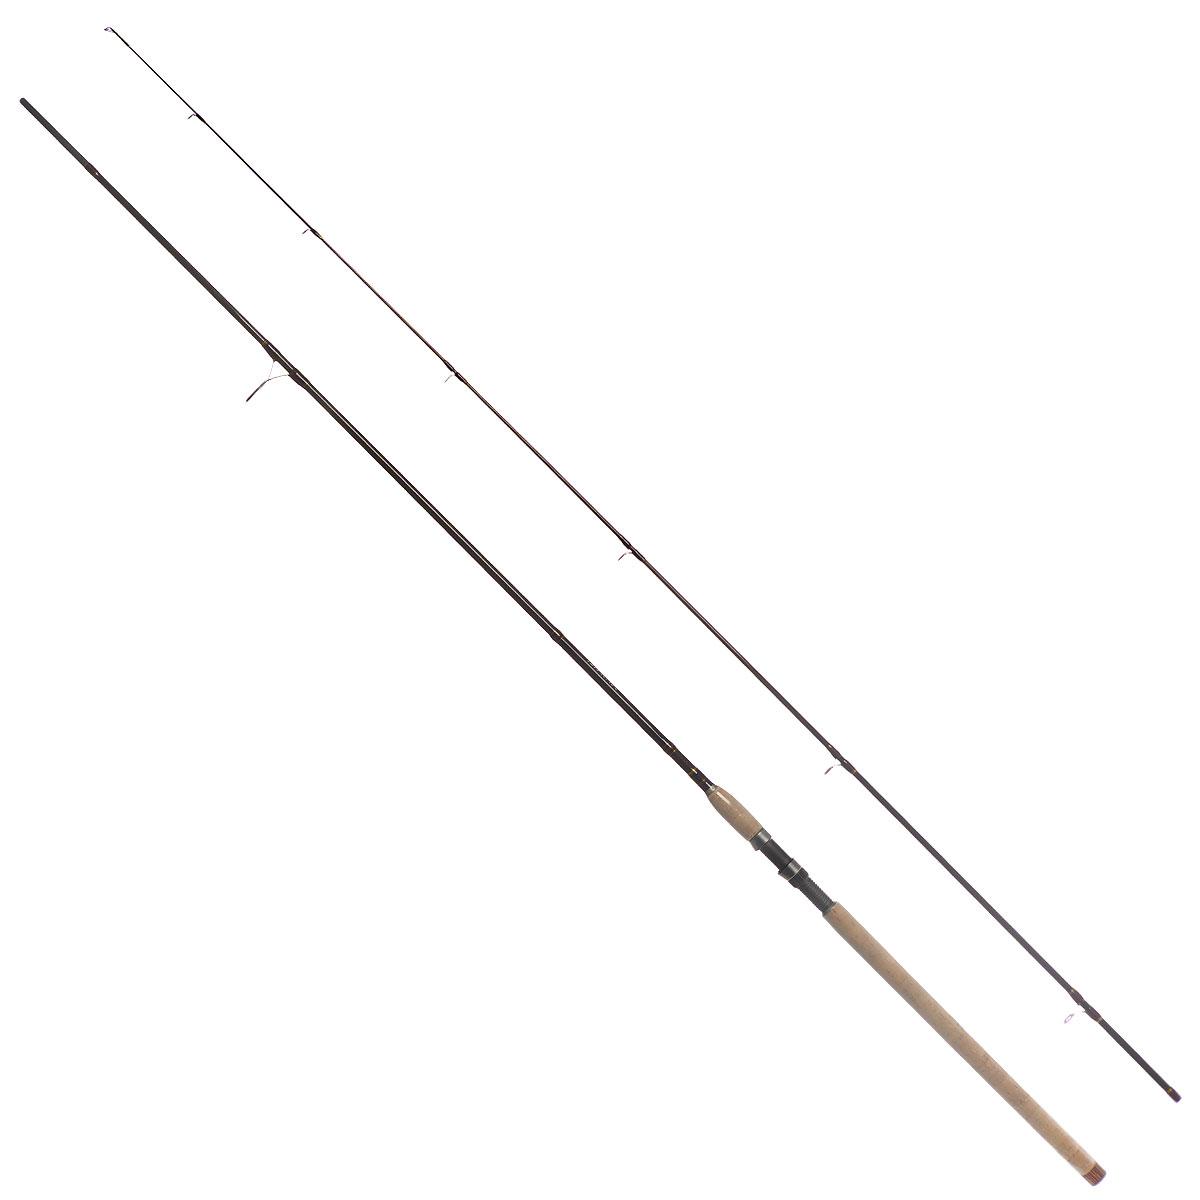 Удилище спиннинговое Daiwa New Exceler, штекерное, цвет: темно-коричневый, 2,7 м, 50-100 г